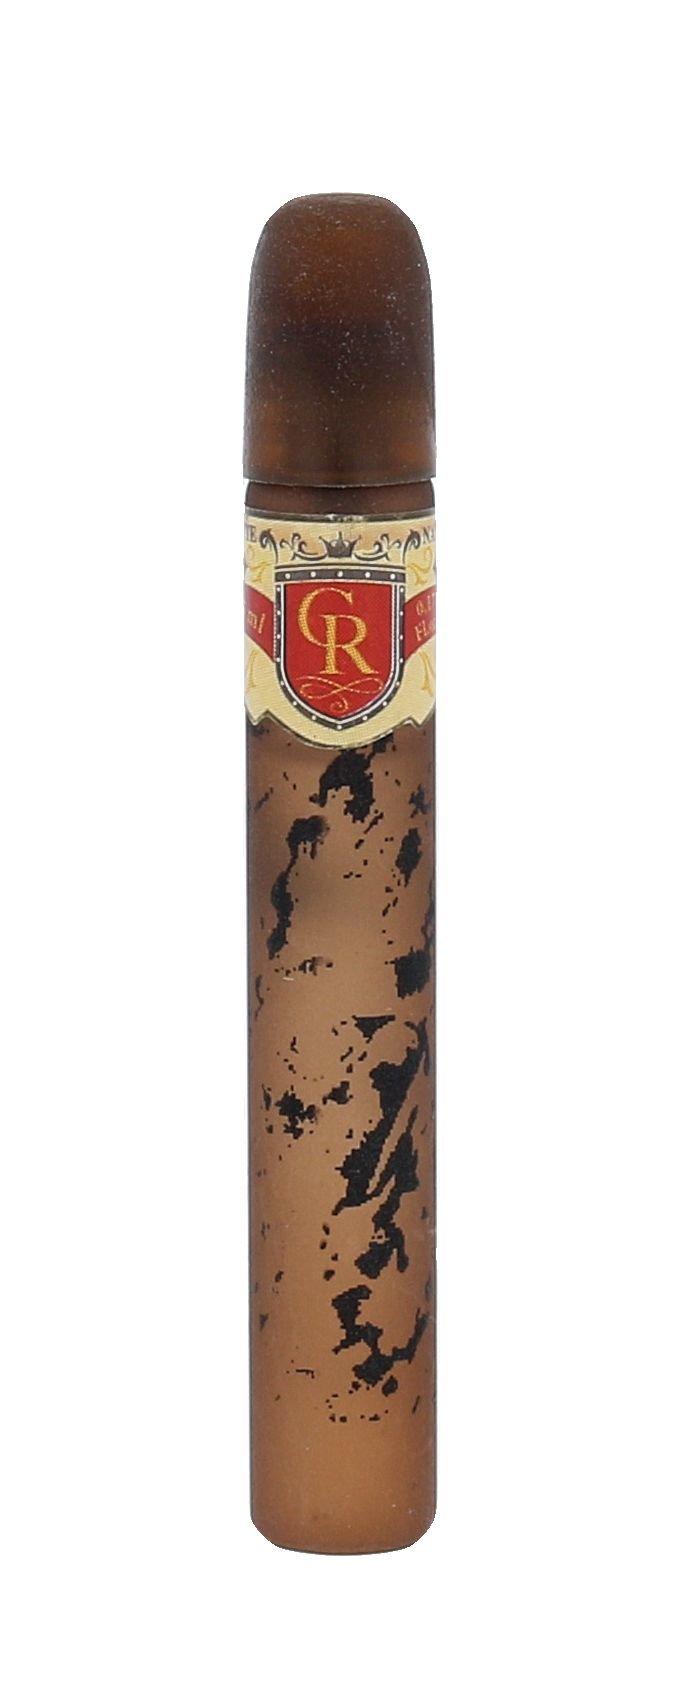 Cuba Royal EDT 5ml